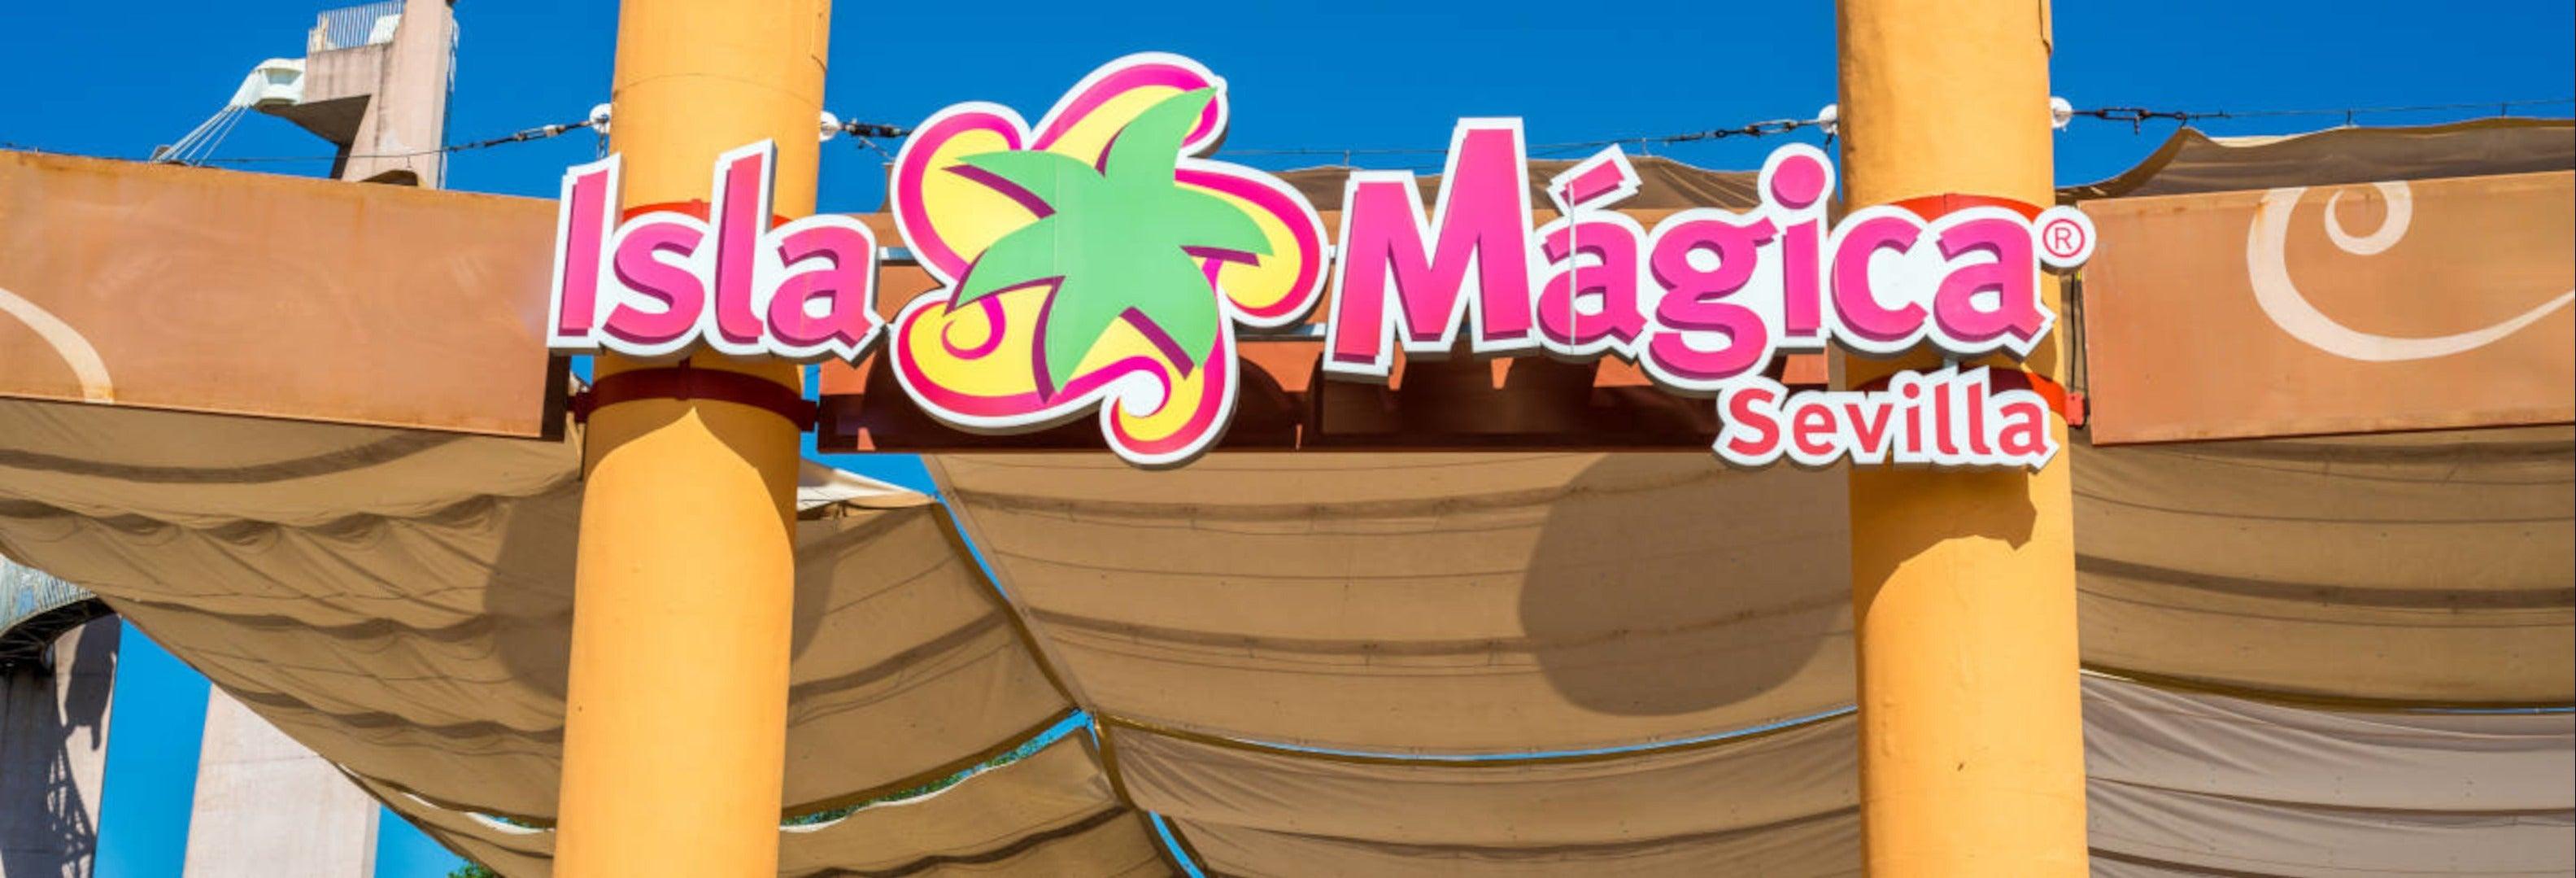 Ingresso do Parque Isla Mágica